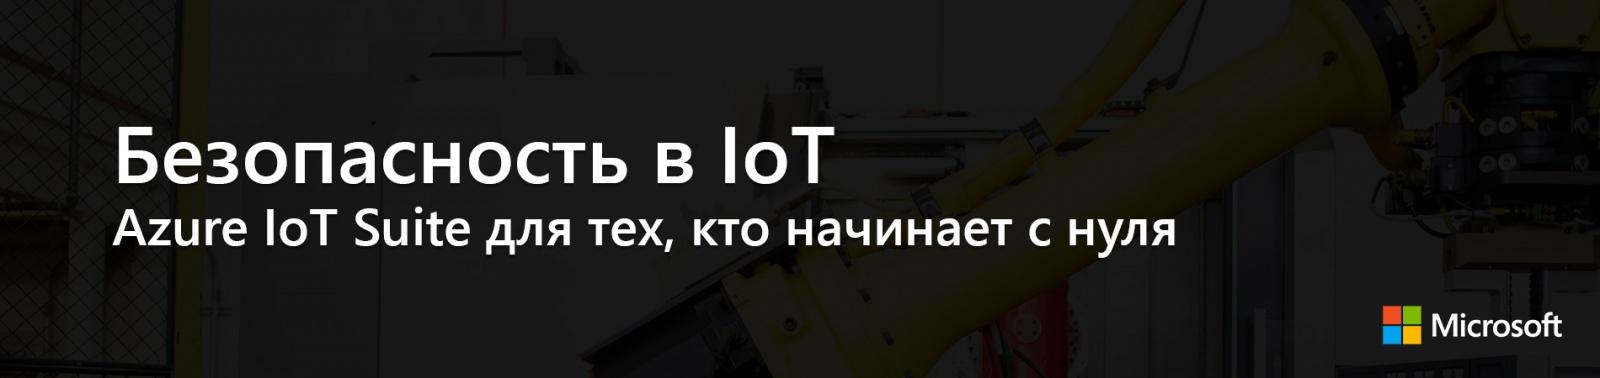 Безопасность в IoT: Azure IoT Suite для тех, кто начинает с нуля - 1